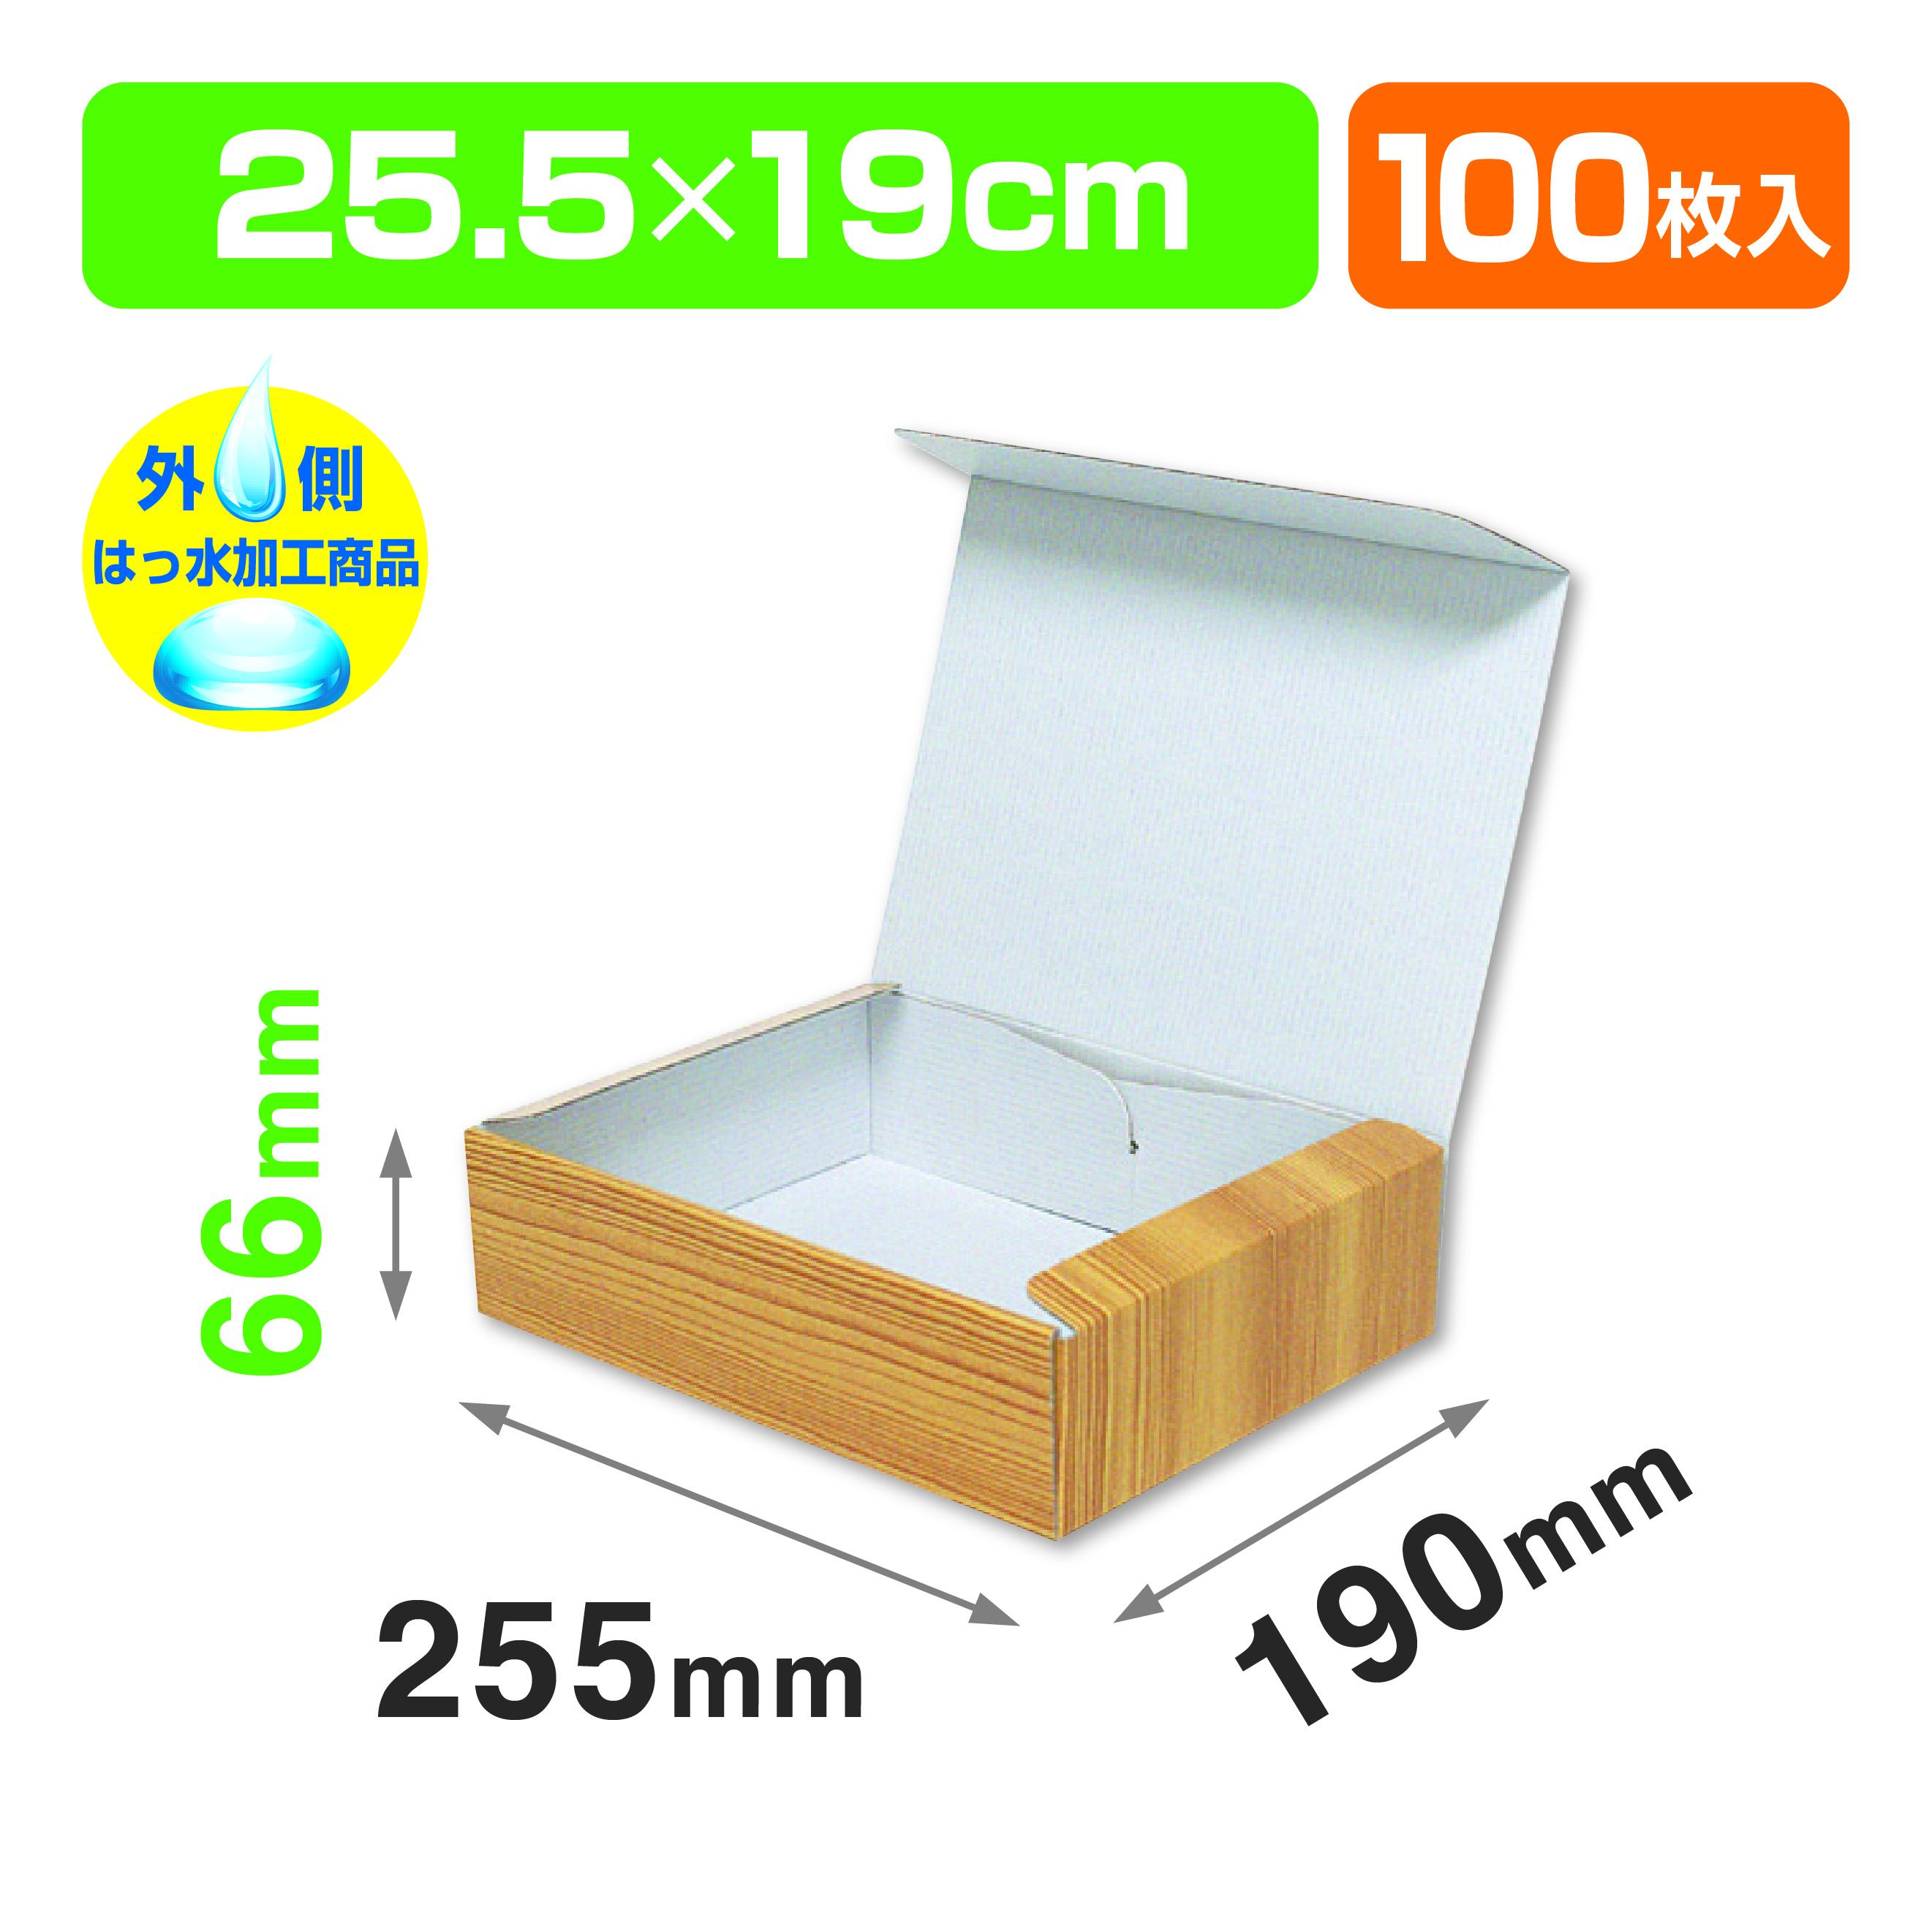 撥水宅配箱1(はっ水宅配箱)